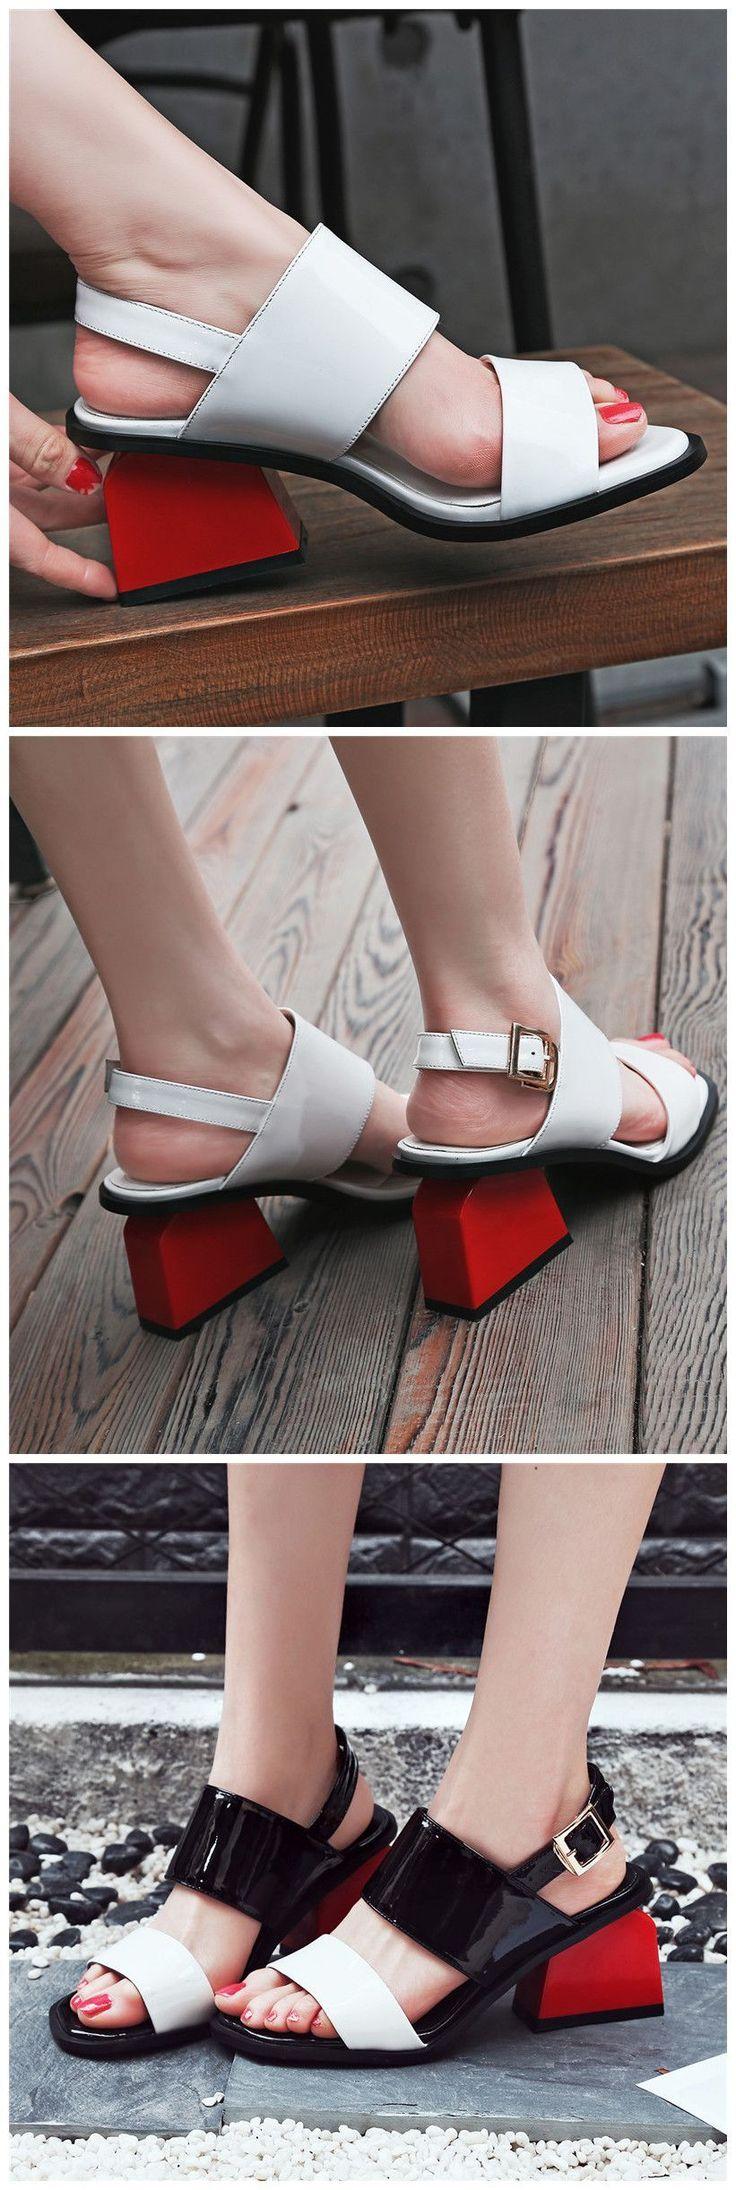 Comfortable summer sandles for women, definitely unique heels – heels high